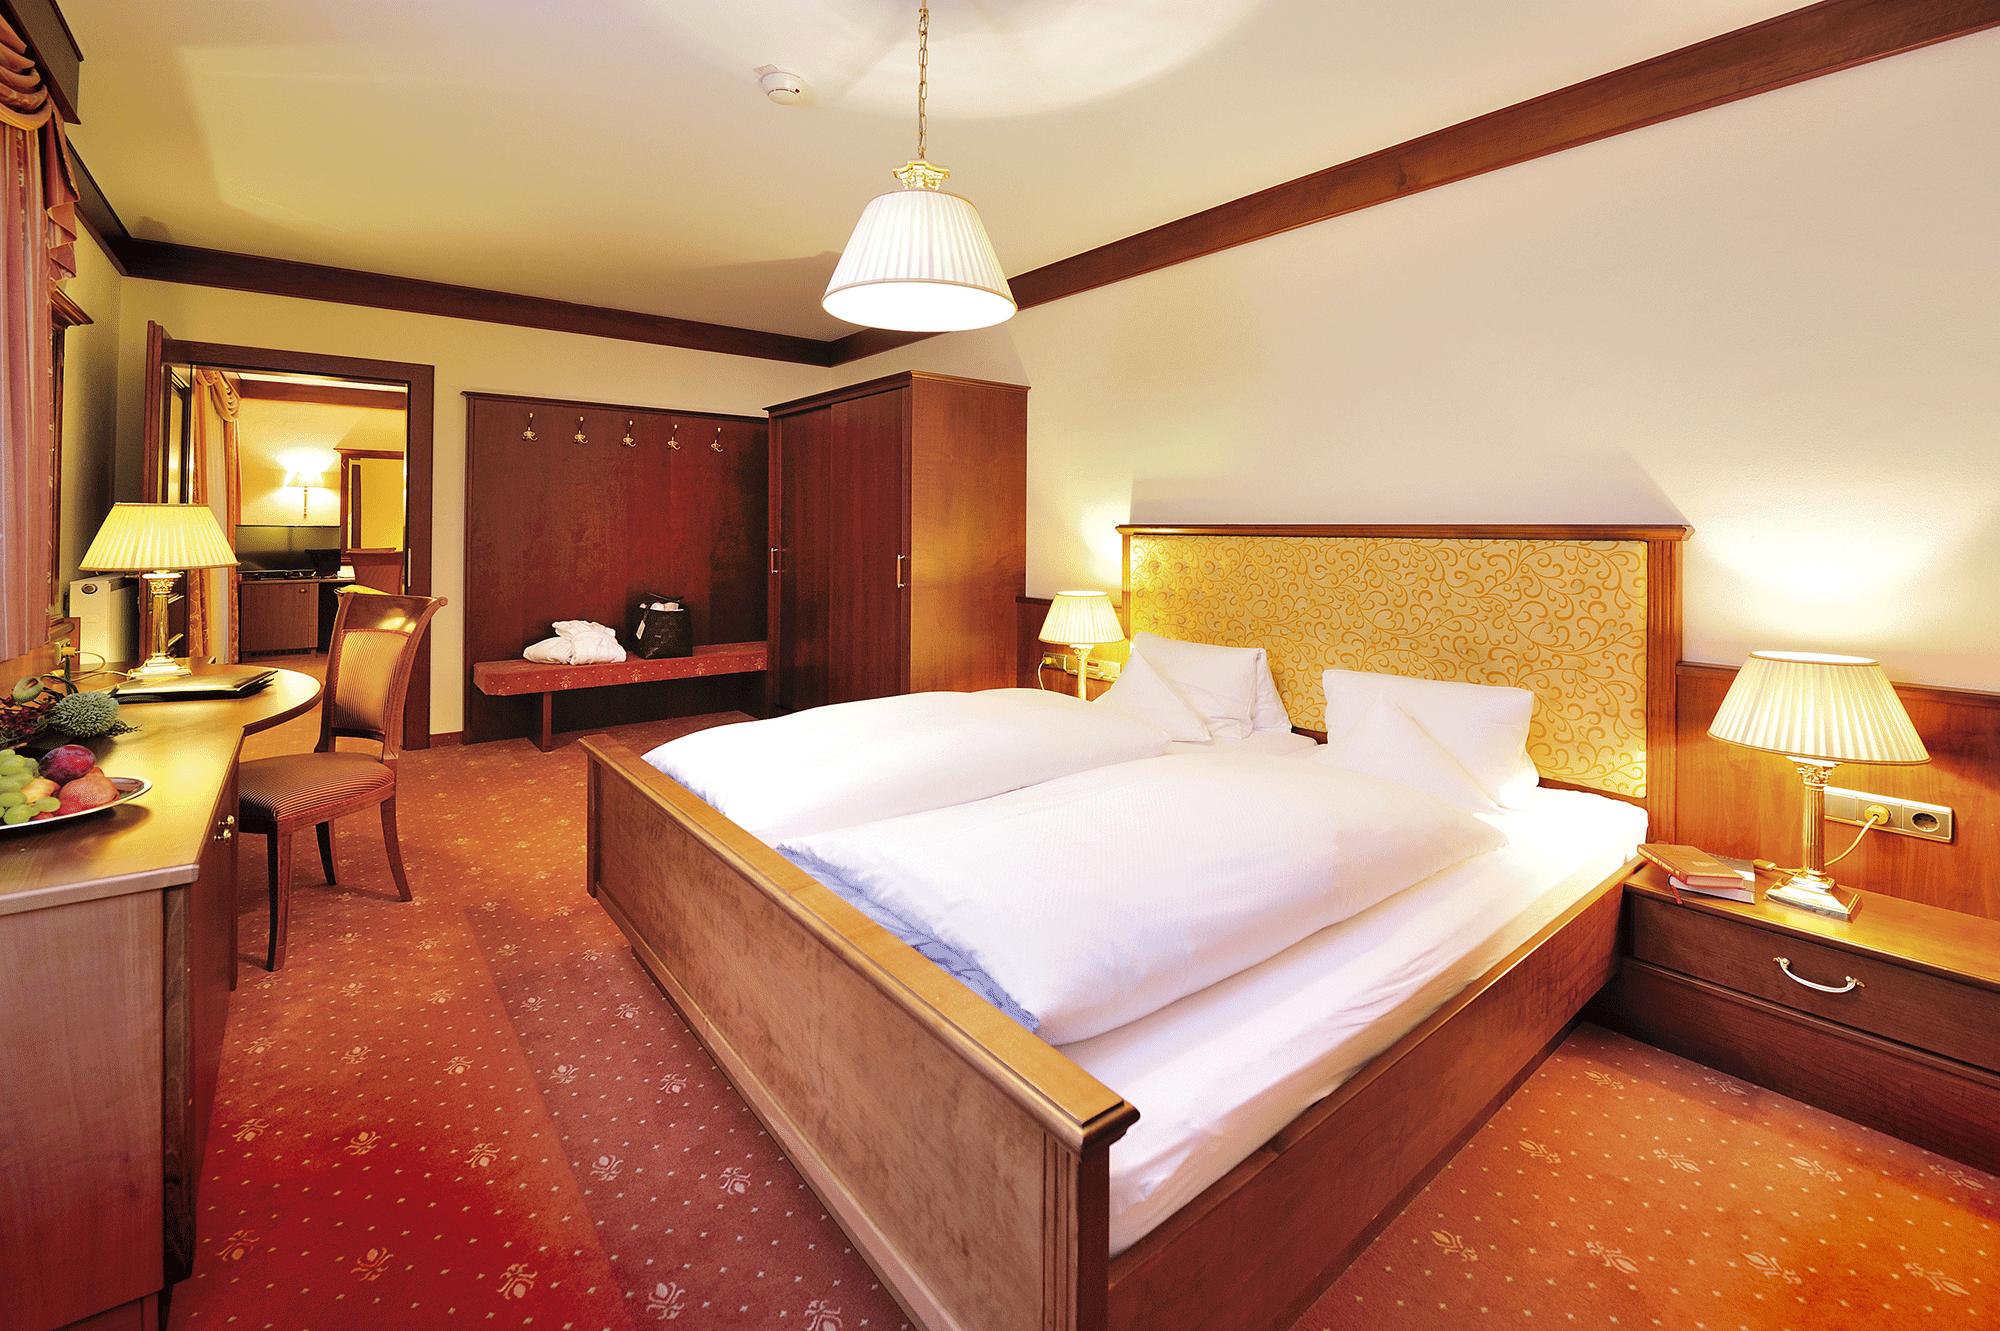 Panoramasuite Bett im Wellnesshotel Alpbacherhof in Tirol